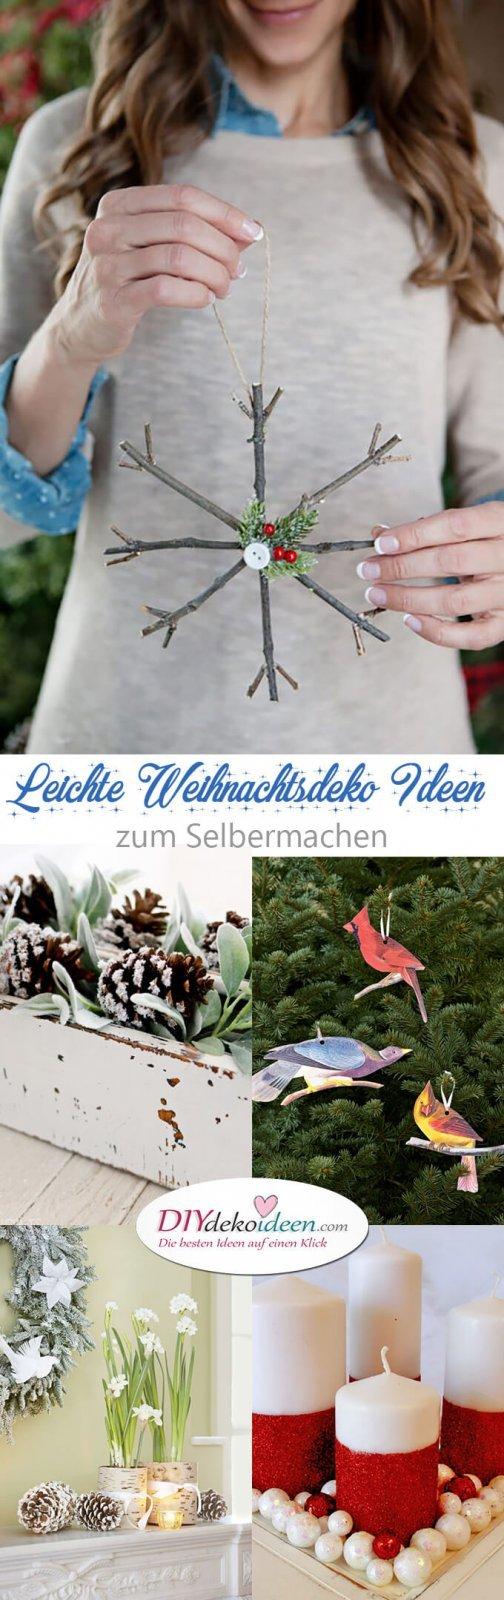 15 leichte DIY Weihnachtsdeko Ideen zum Selbermachen - Weihnachten Bastelidee